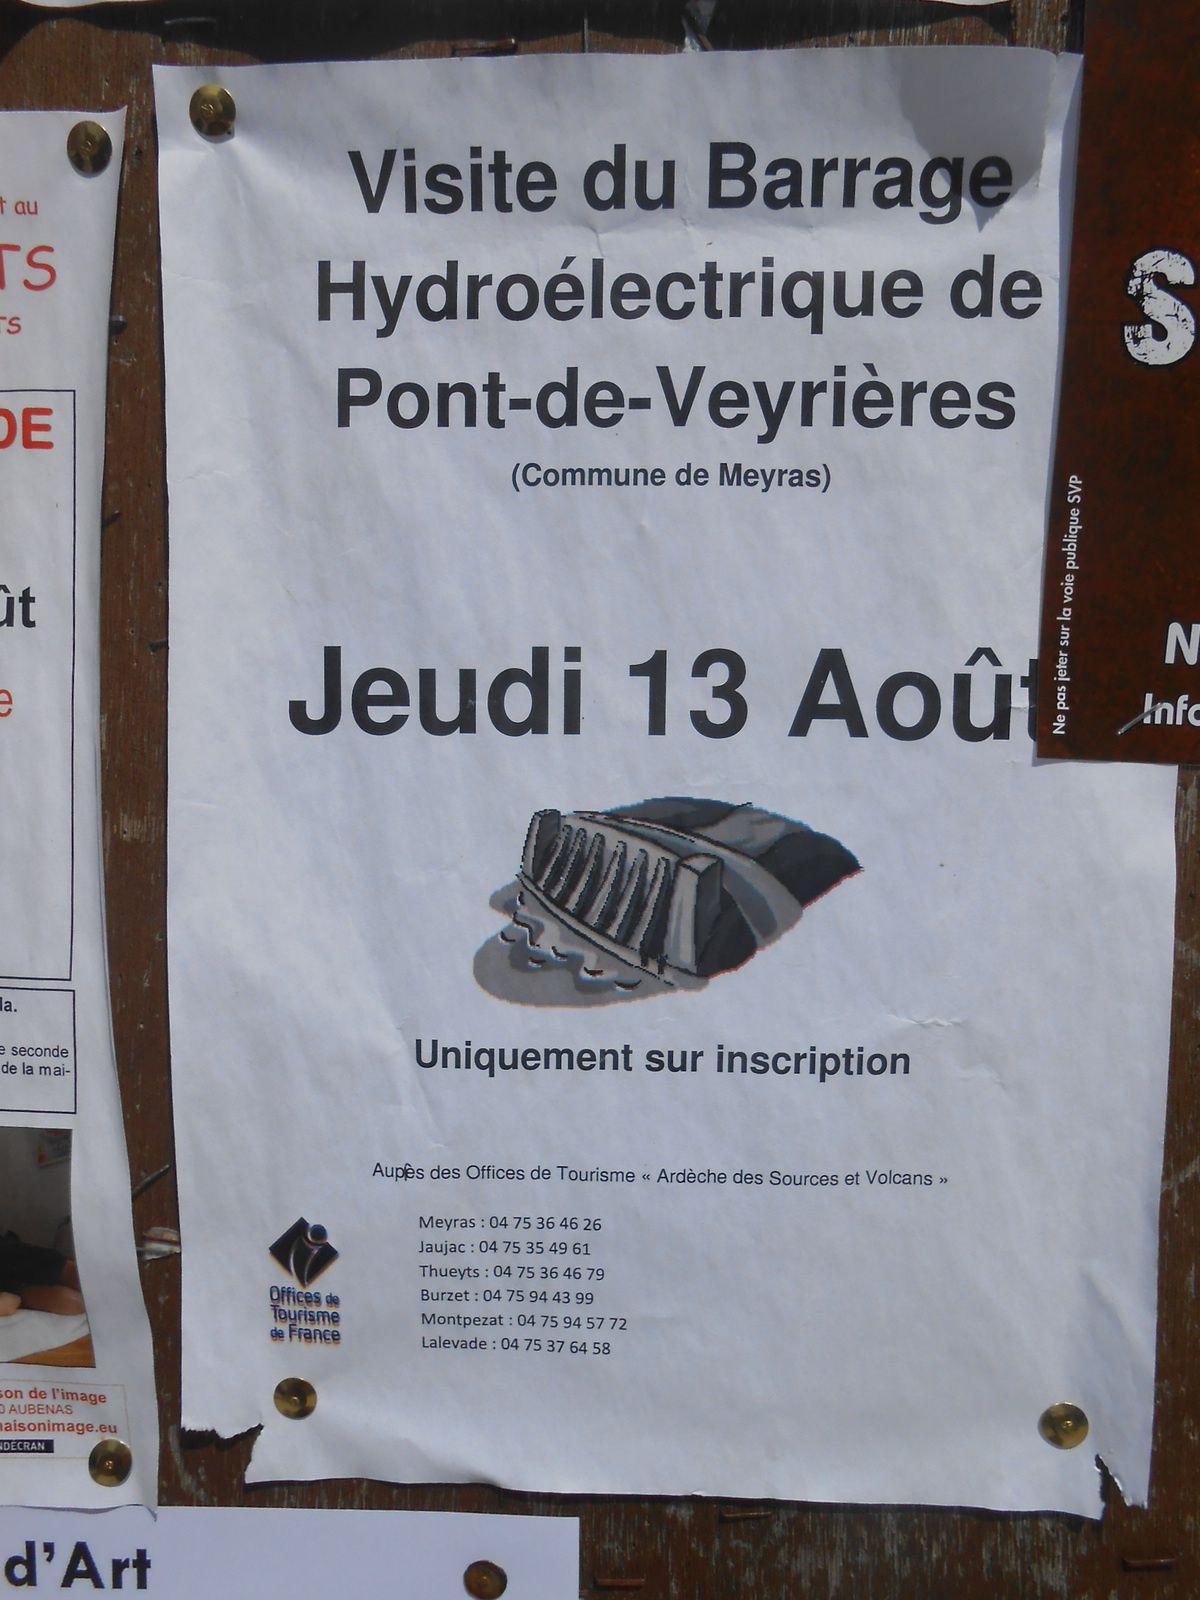 Visite du barrage hydroélectrique de Pont-de-Veyrières